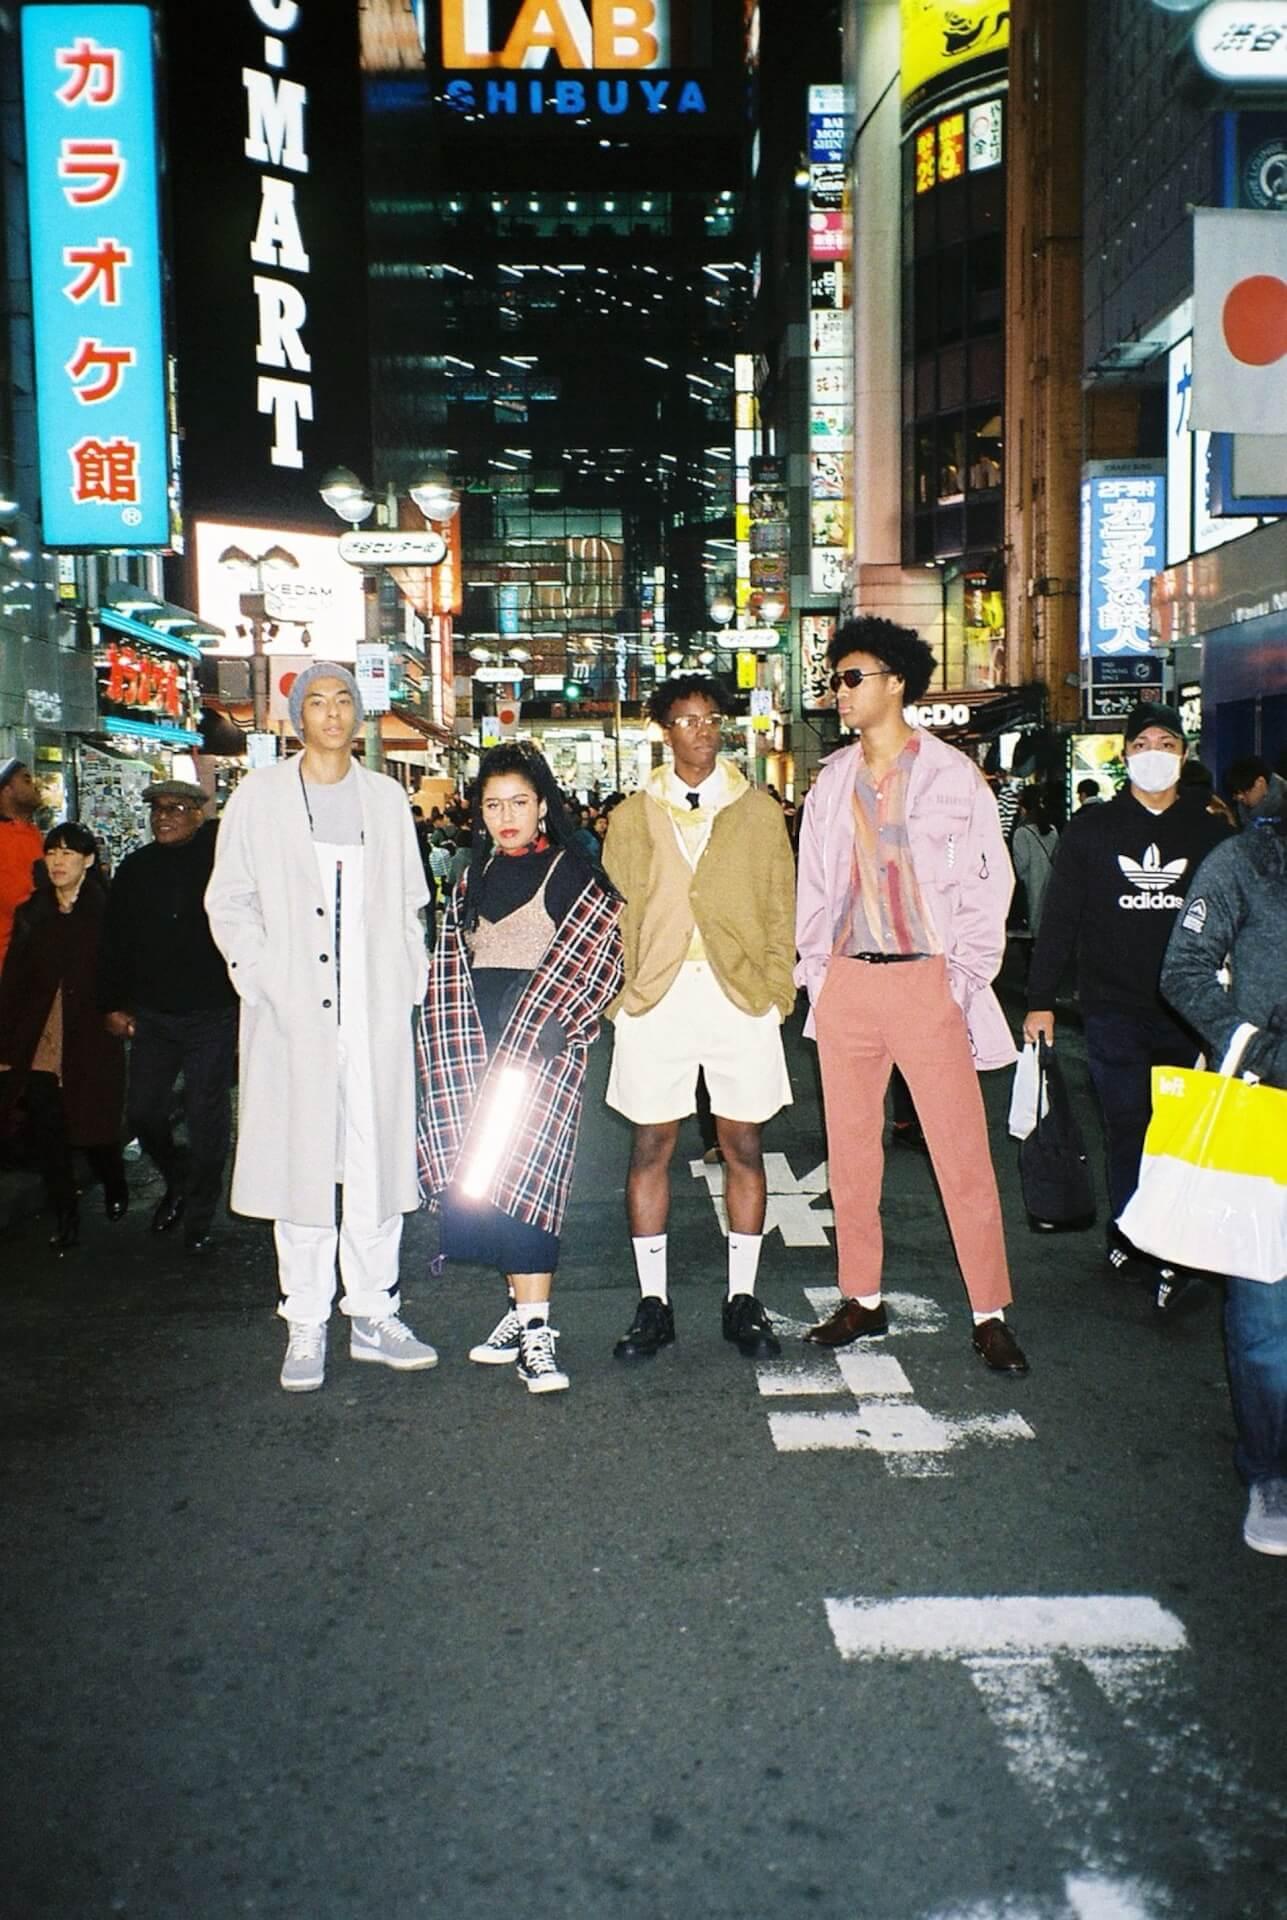 どうも東京の人にはなれなかったらしい|forever21 column181227-rarara-4